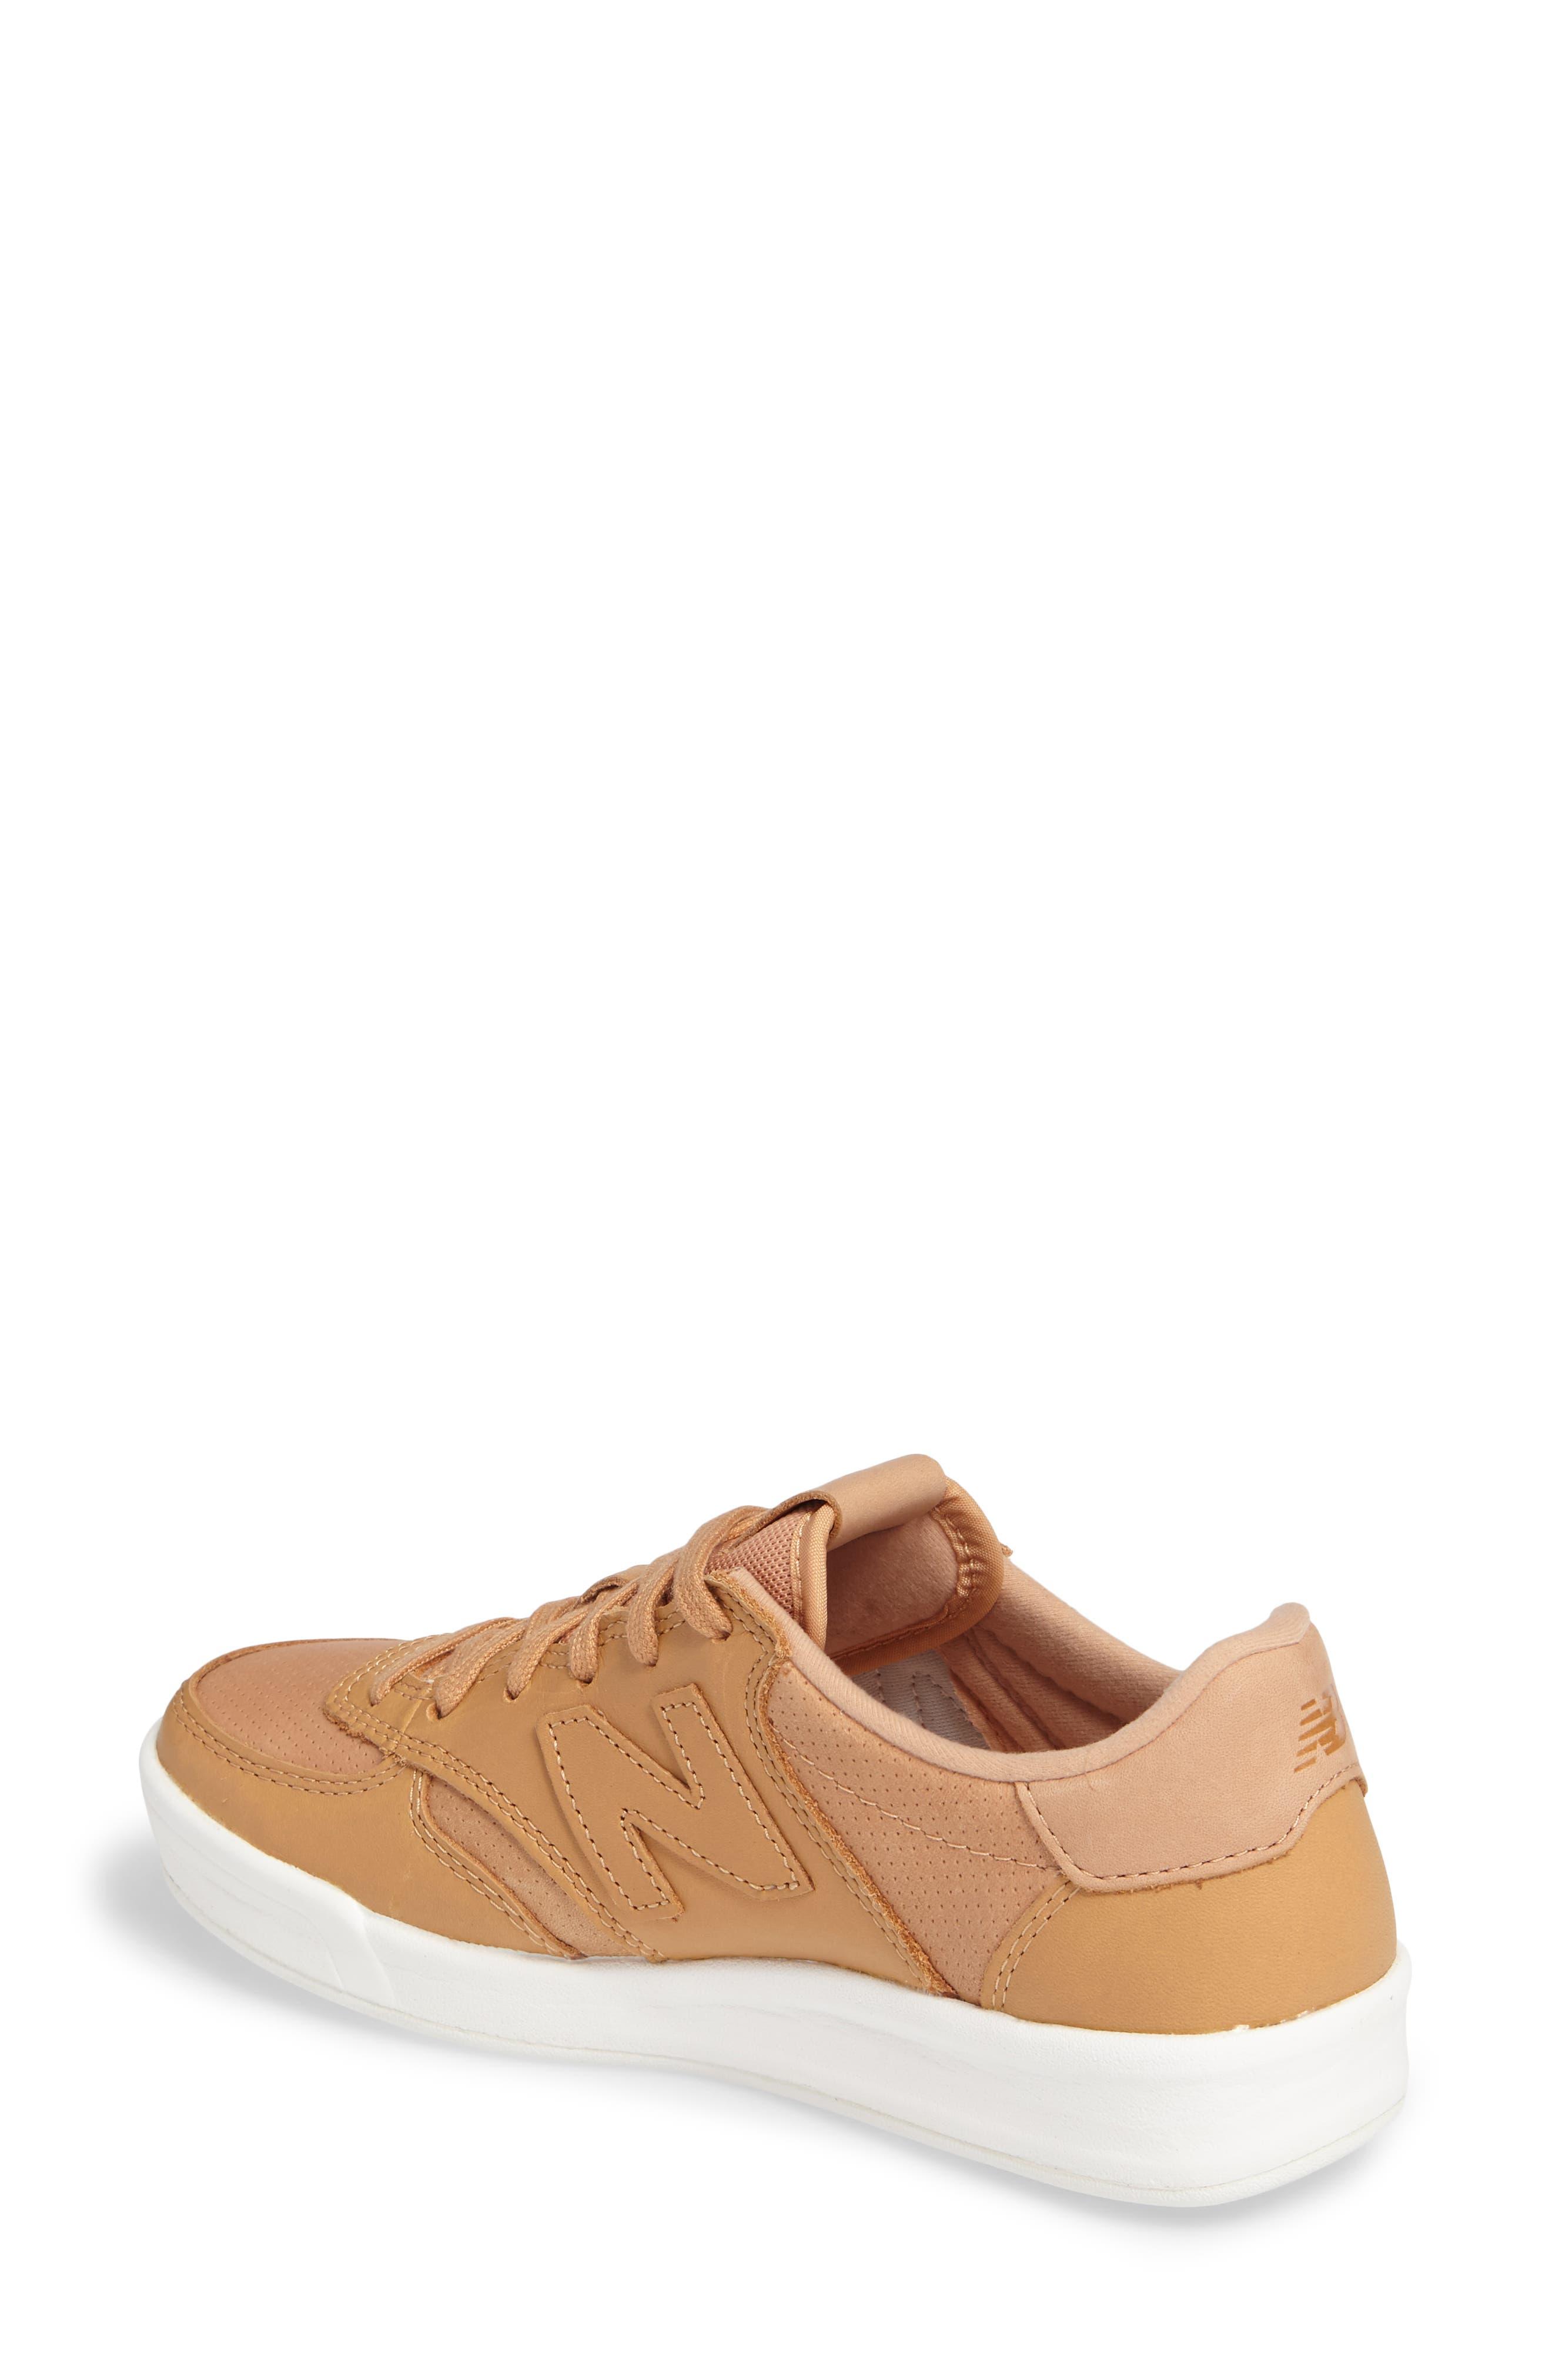 300 Sneaker,                             Alternate thumbnail 5, color,